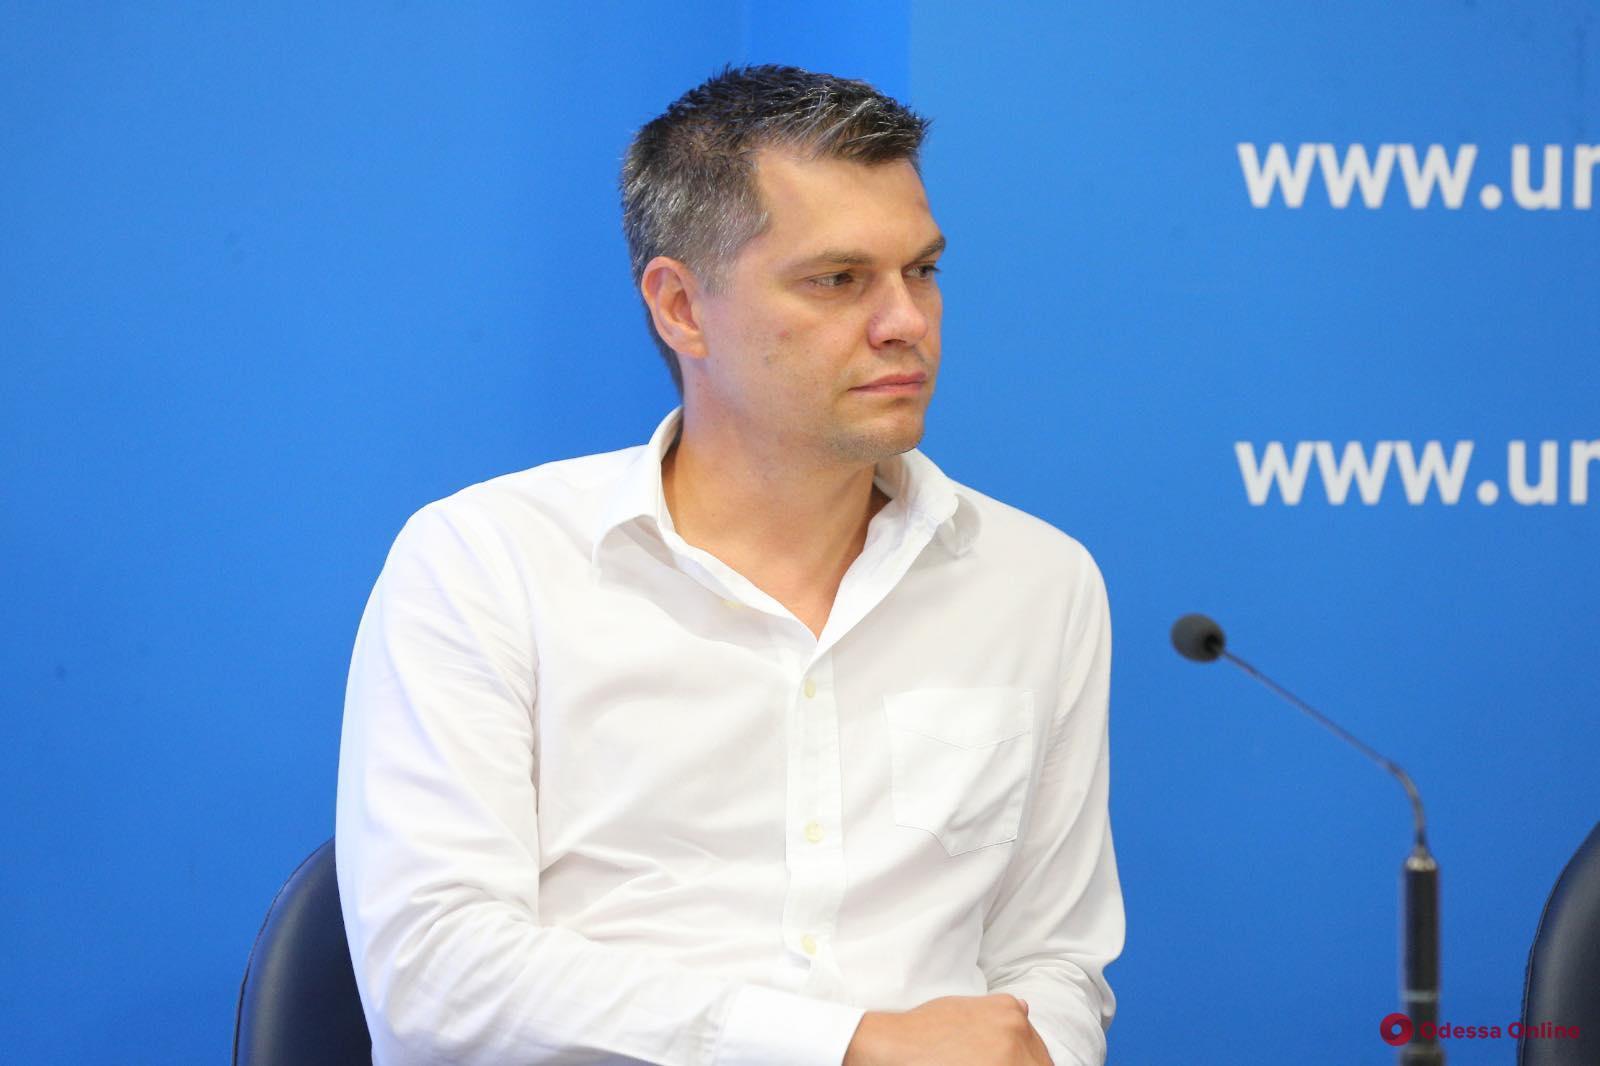 Стартовал новый уникальный проект Национальный рейтинг влиятельности «Элита Украины»